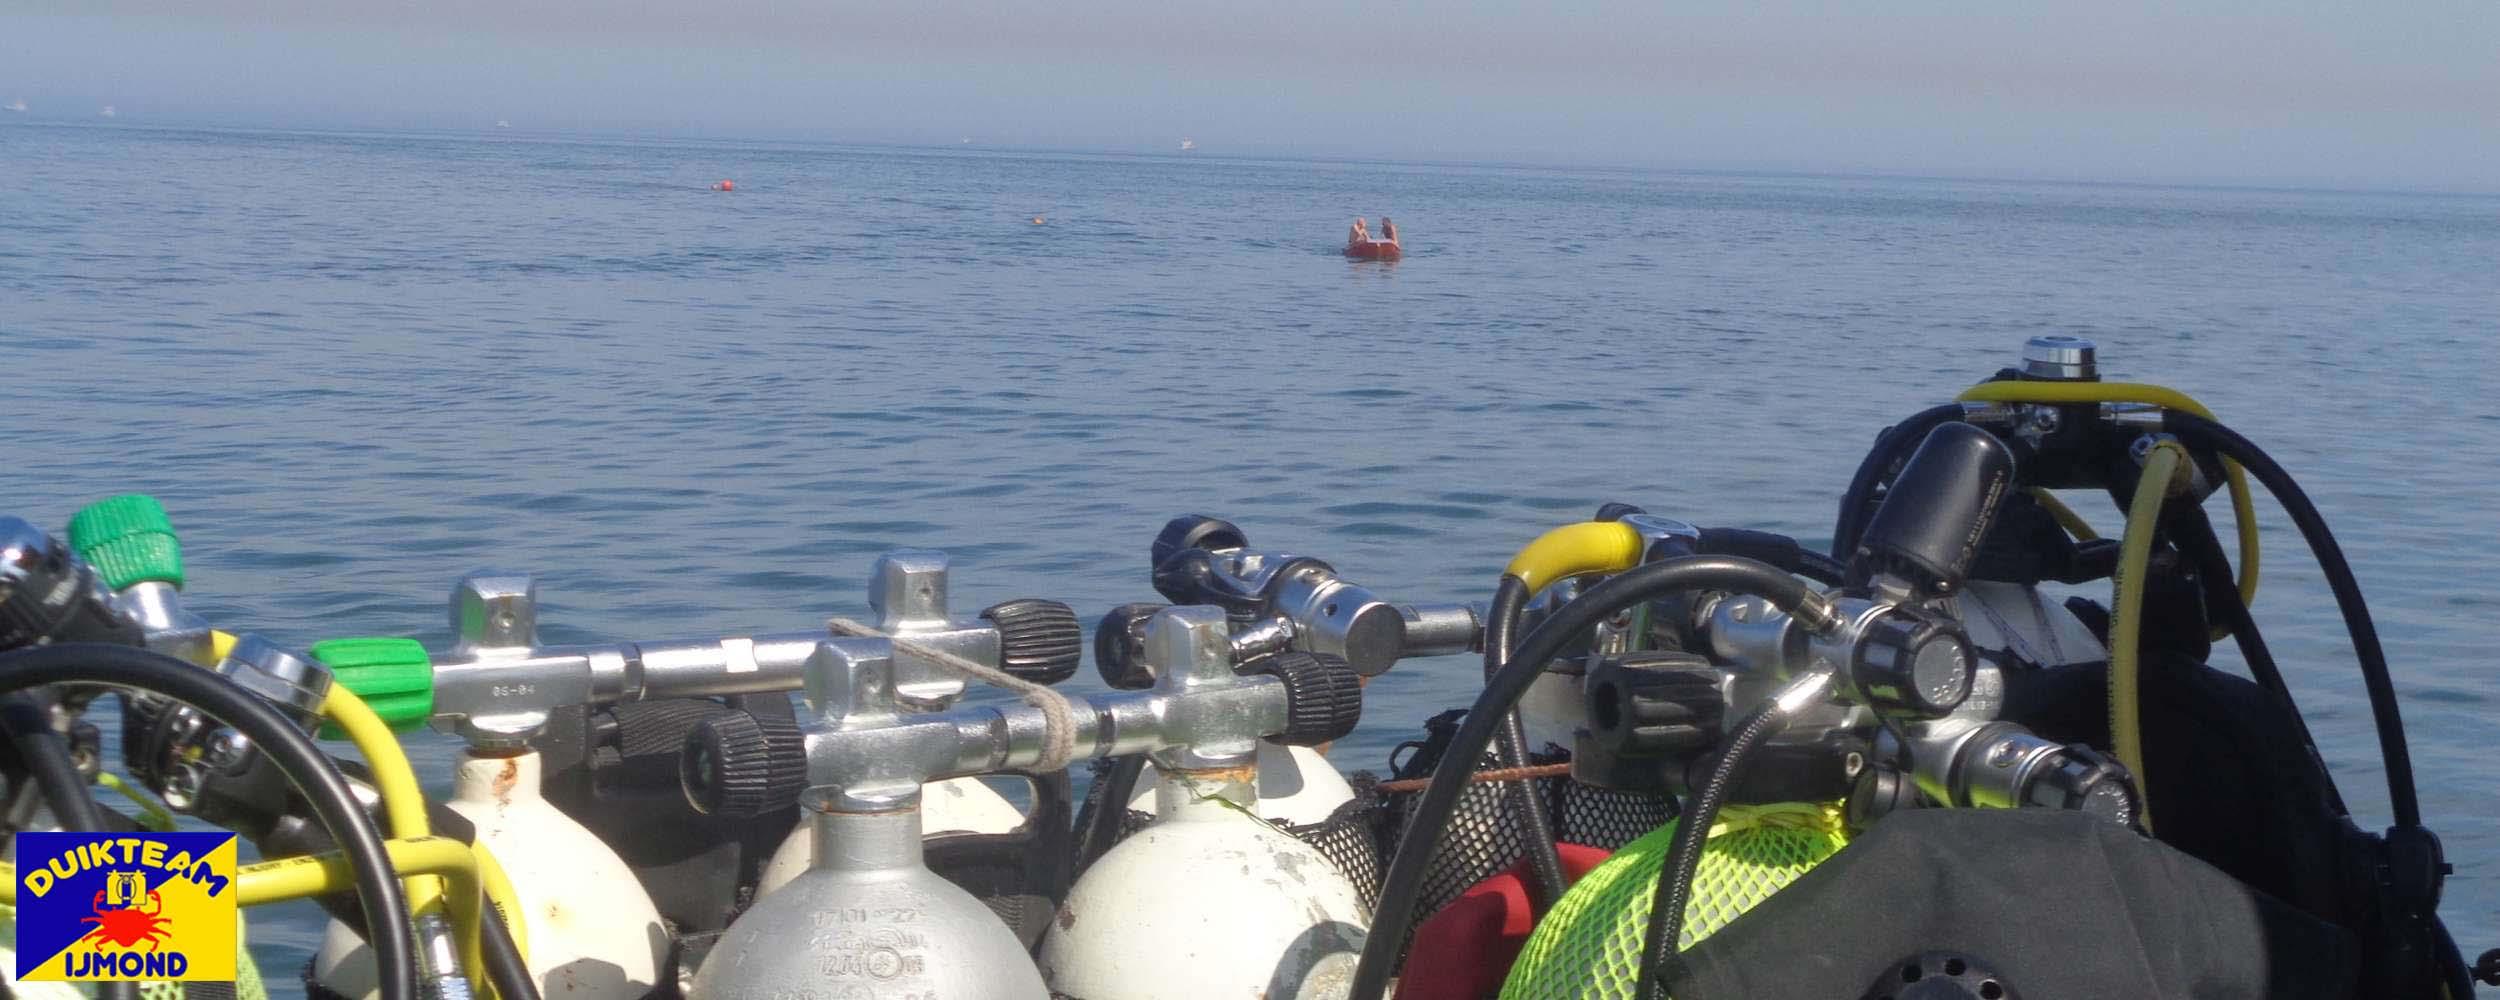 Wachten op de kentering op de noordzee